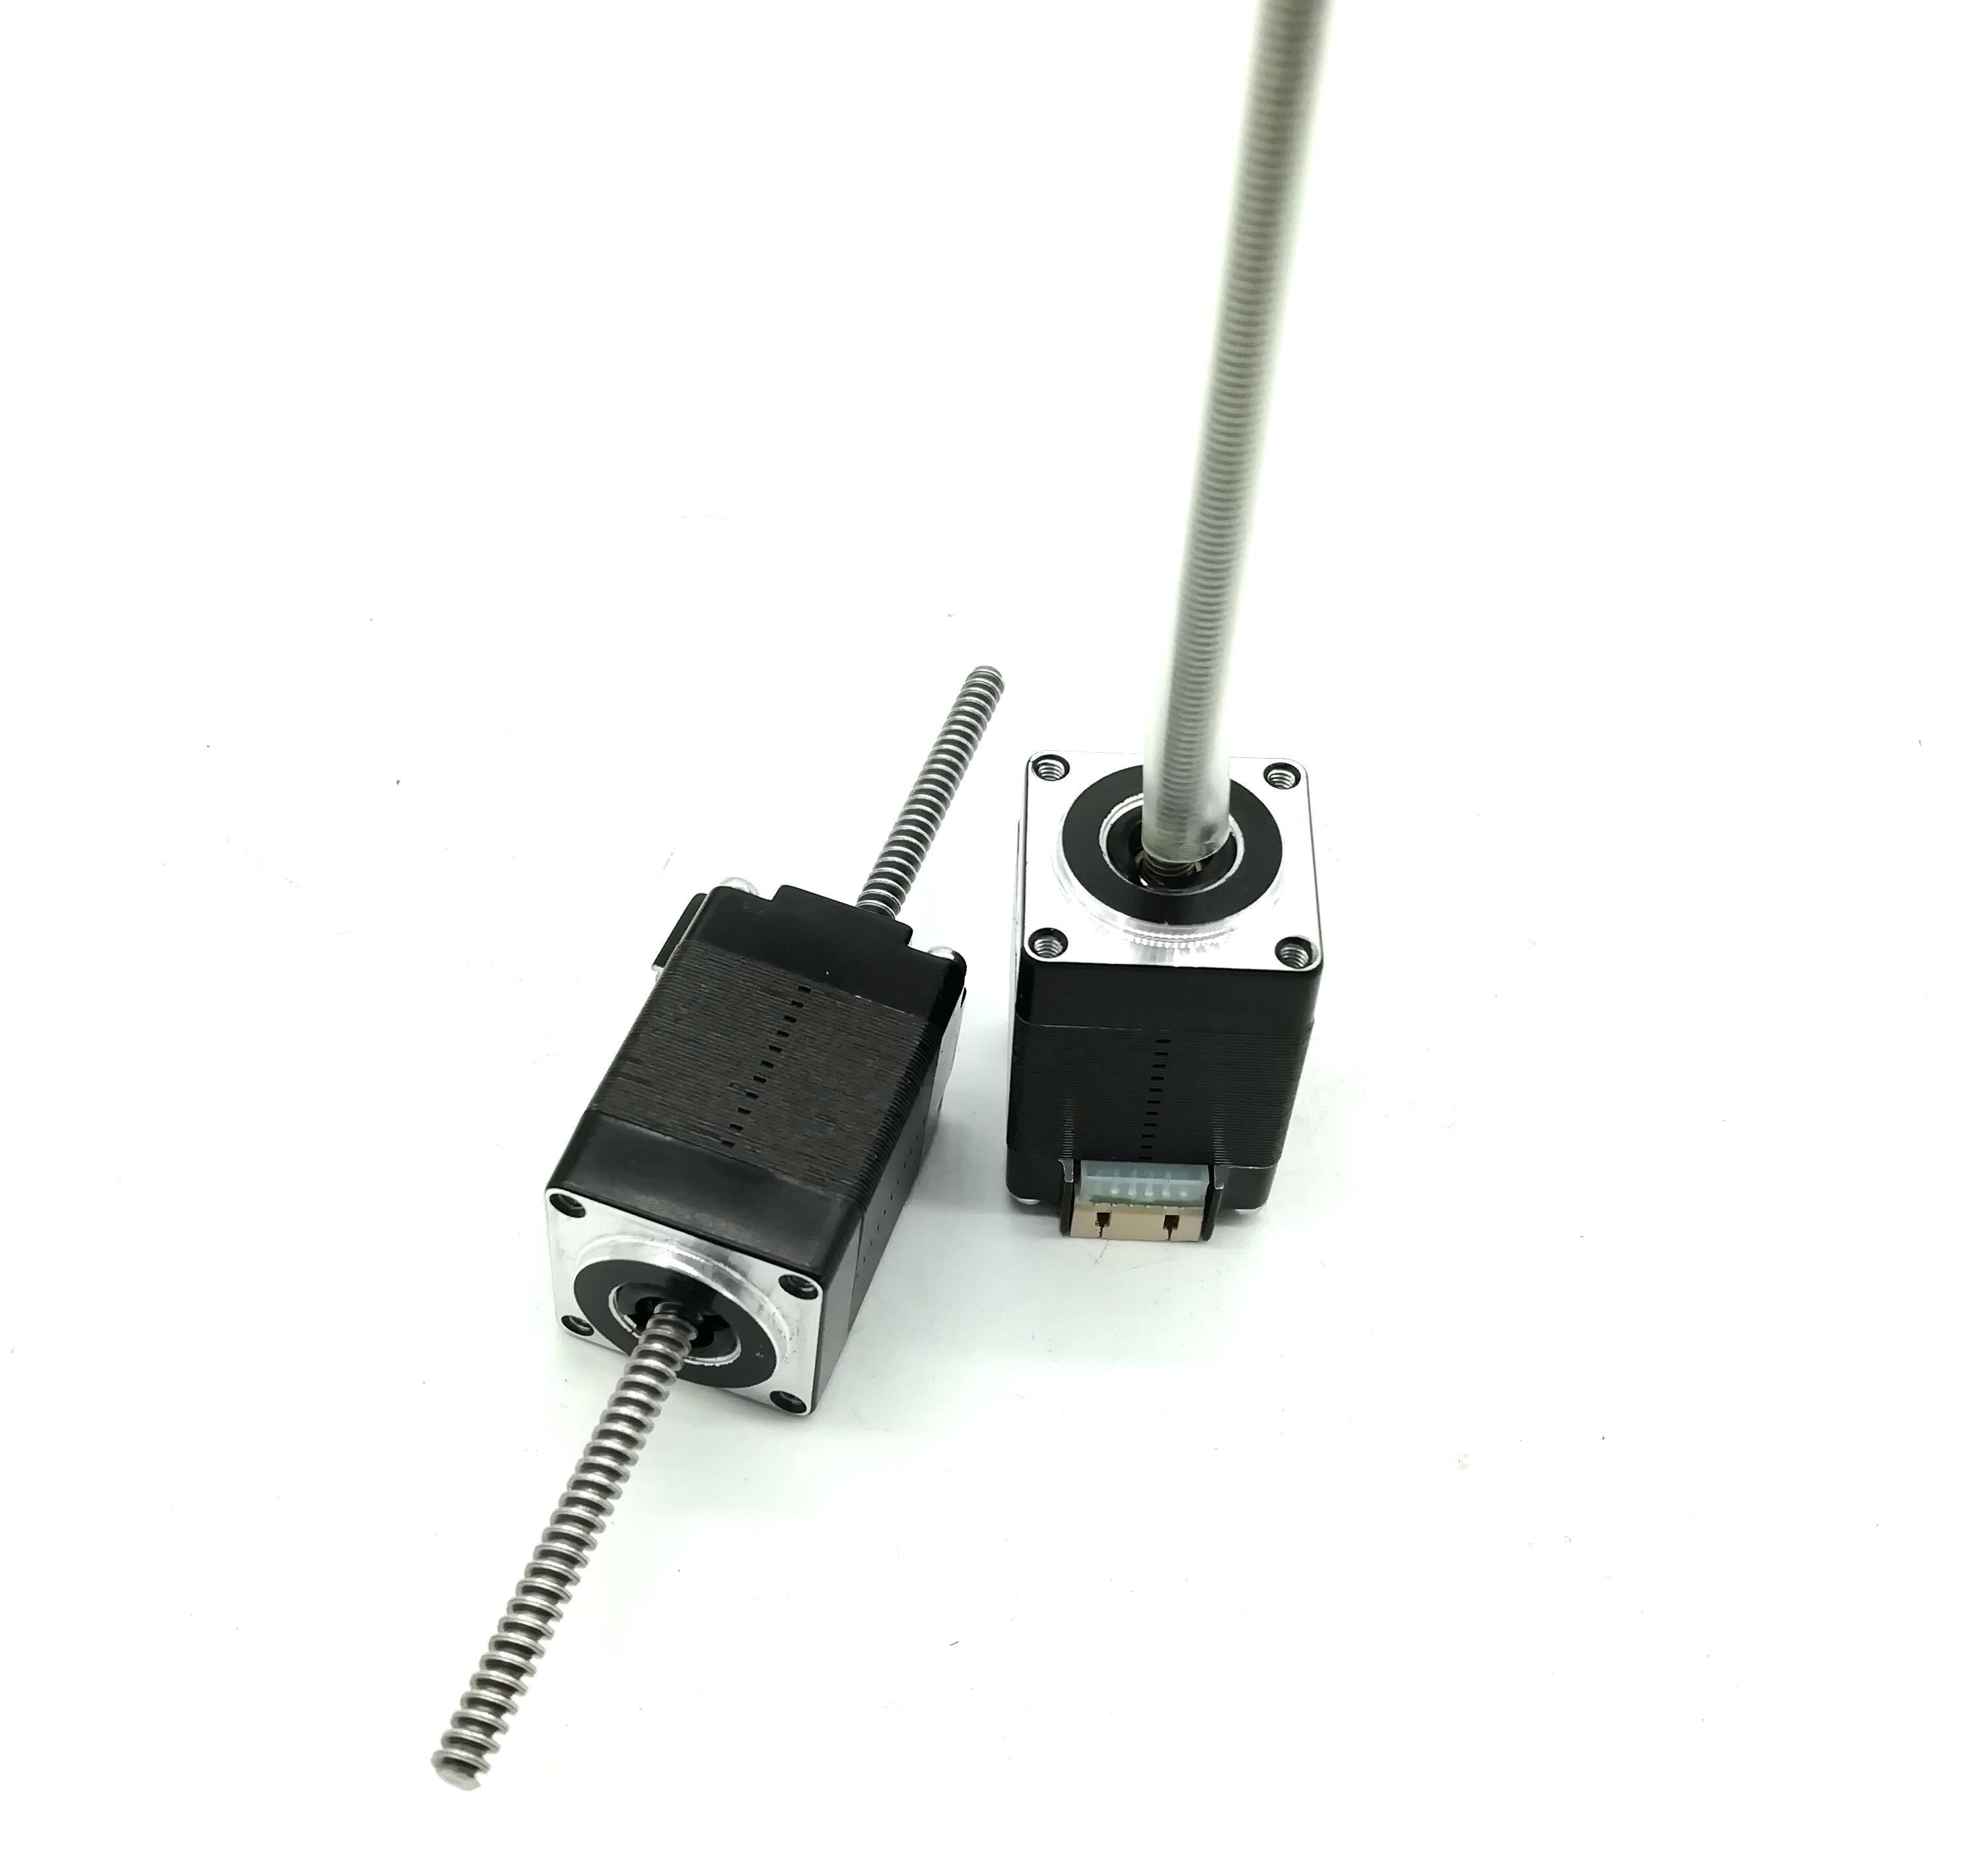 Motor deslizante linear não cativo longo de nema8 de 100mm com parafuso de chumbo tr3.5 * 0.61mm